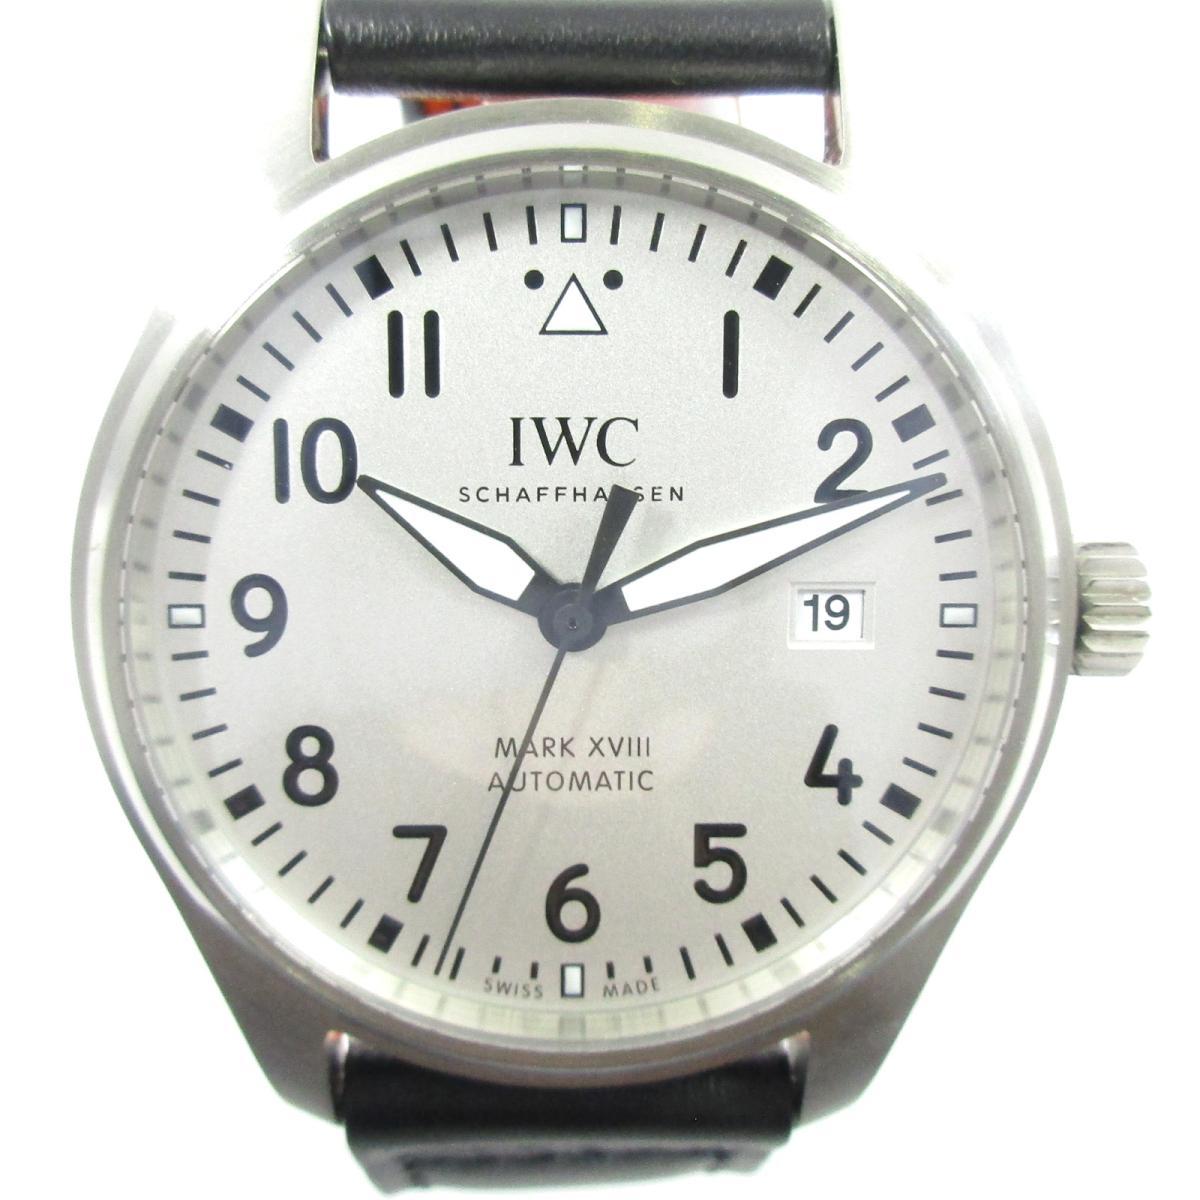 【中古】 インターナショナル・ウォッチ・カンパニー マーク XVIII 腕時計 メンズ ステンレススチール (SS) レザー シルバー ブラック オレンジ (IW327012) | IWC BRANDOFF ブランドオフ ブランド ブランド時計 ブランド腕時計